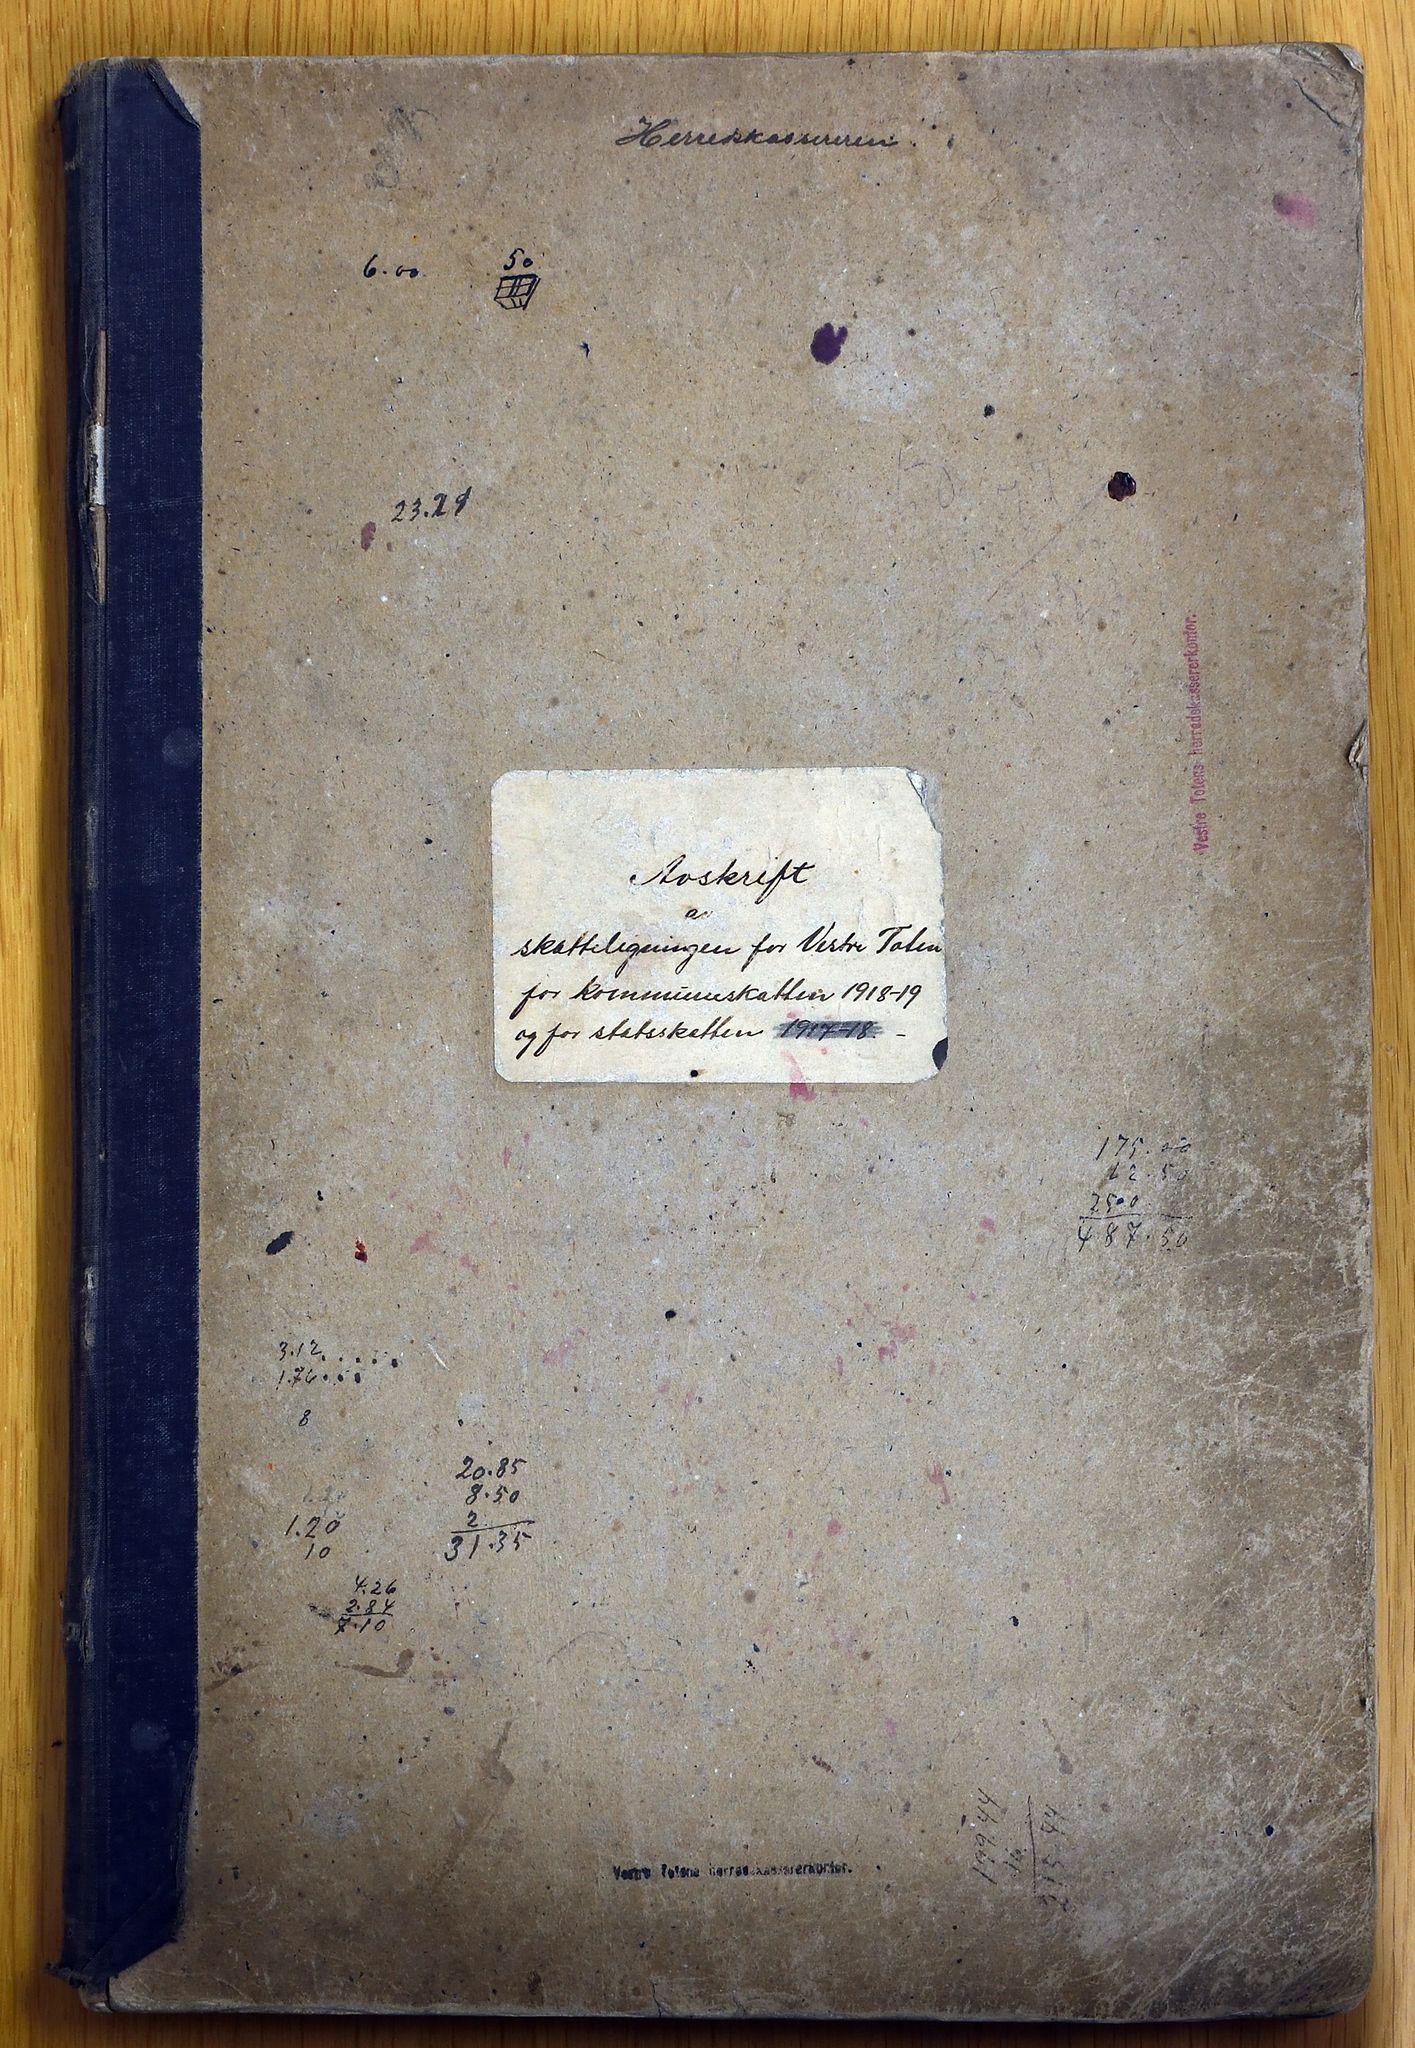 KVT, Vestre Toten kommunearkiv: Avskrift av ligningsprotokollen for budsjettåret 1918-1919 for Vestre Toten skattedistrikt, 1918-1919